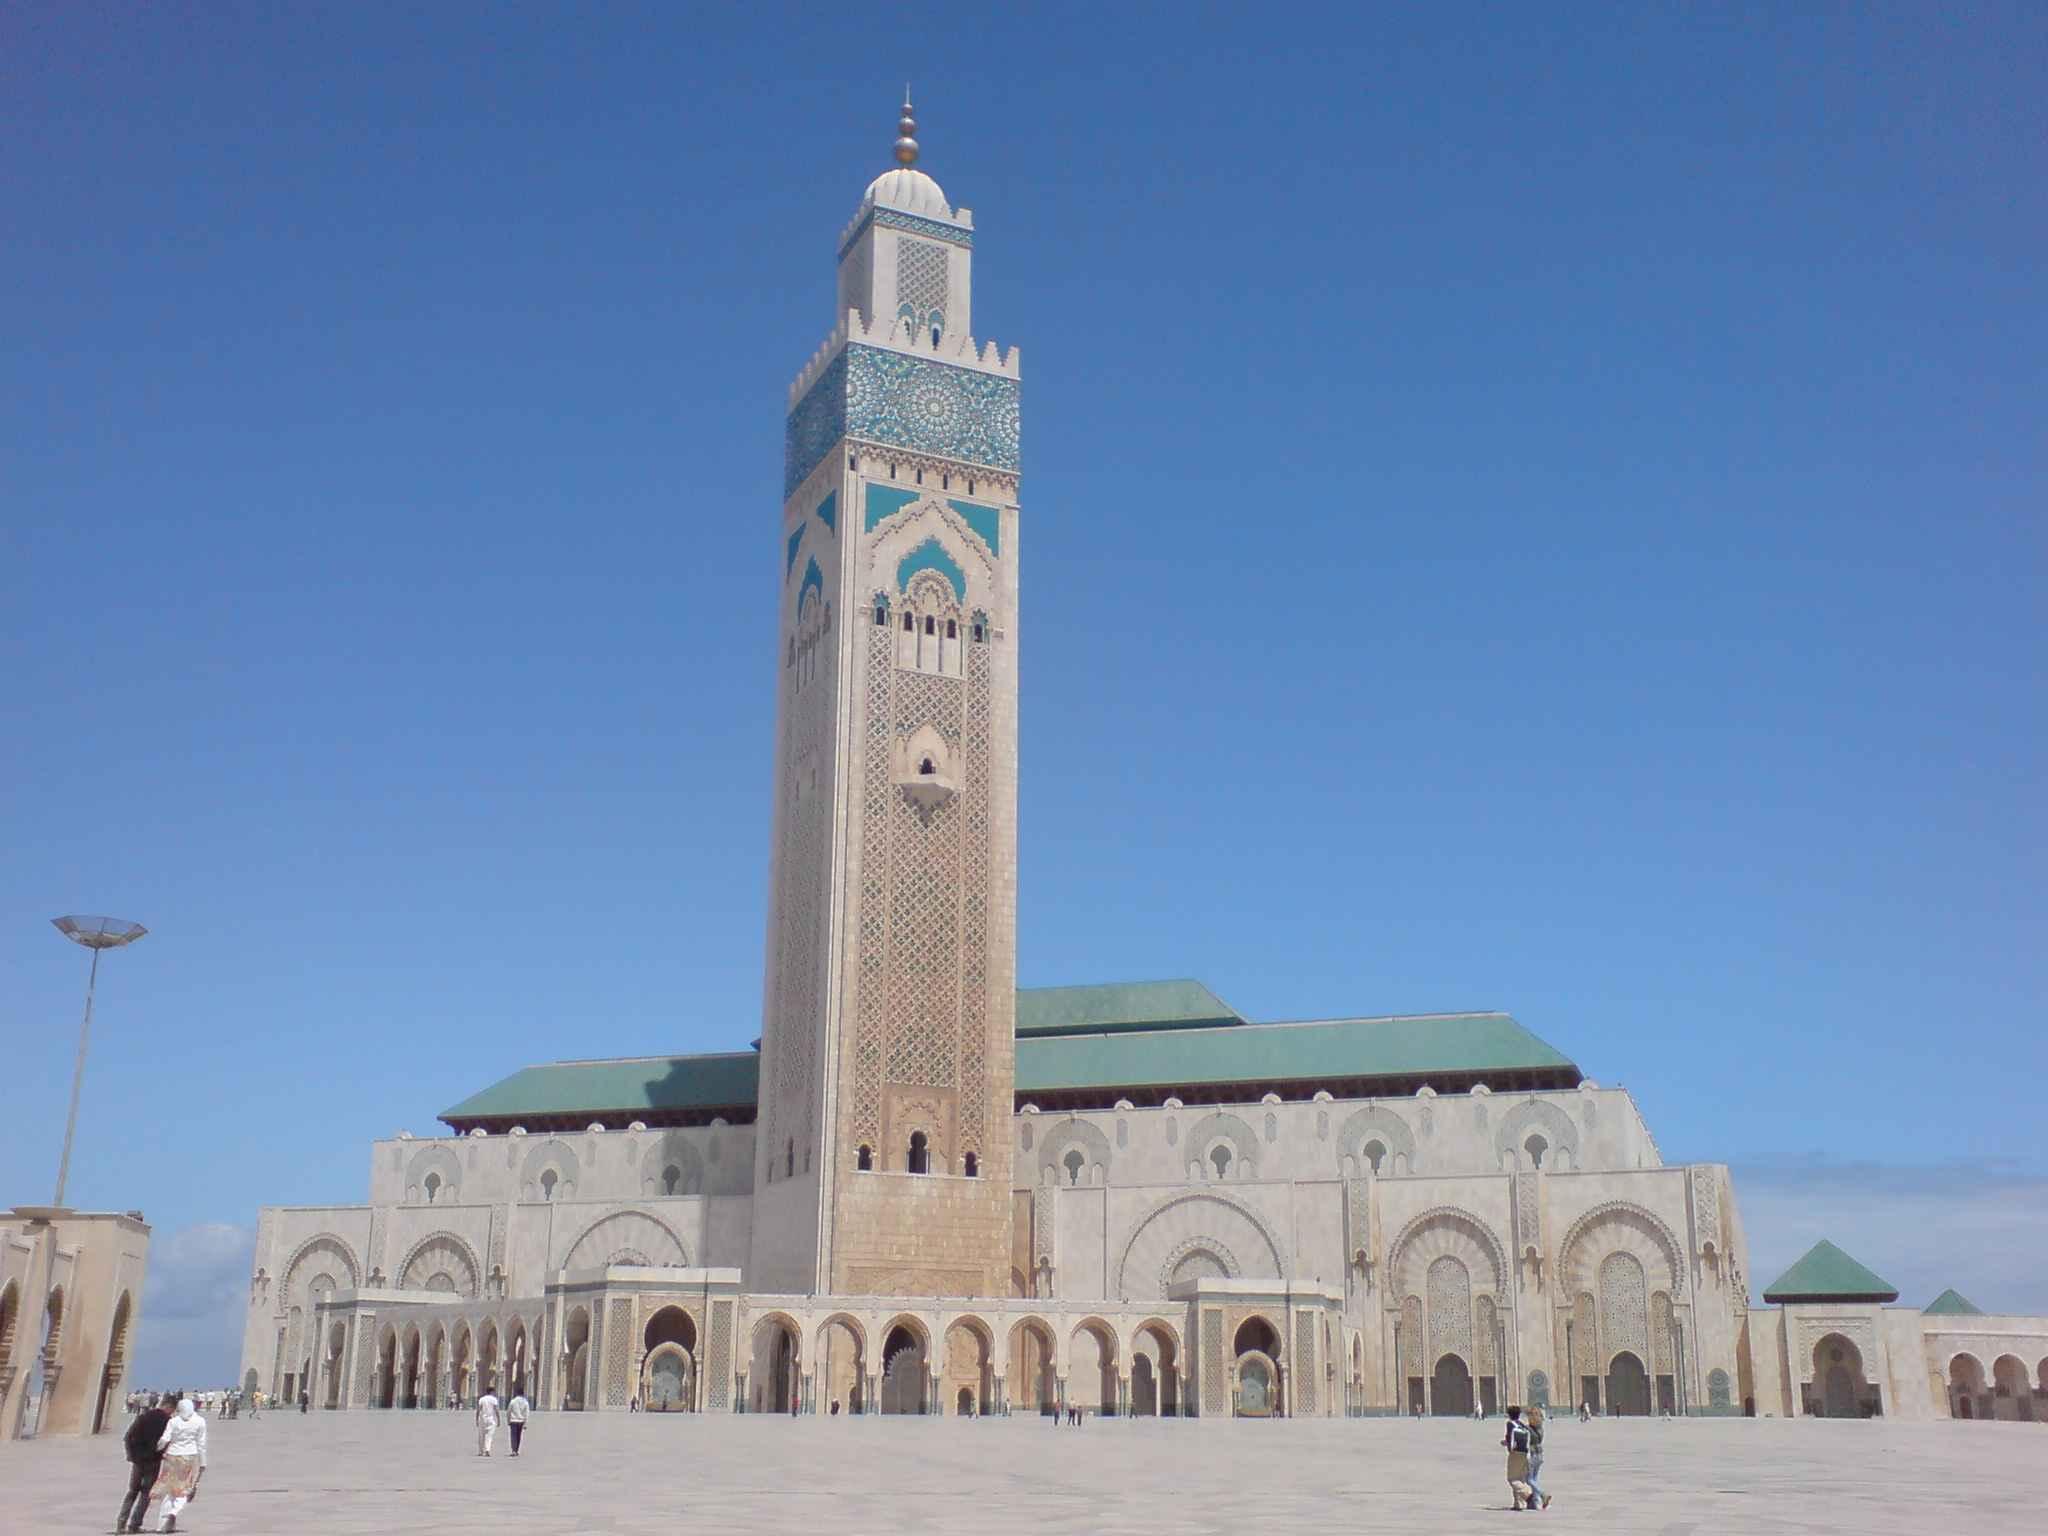 Beautiful hassan ii mosque in casablanca morocco 1 picture - Marocco casablanca ...